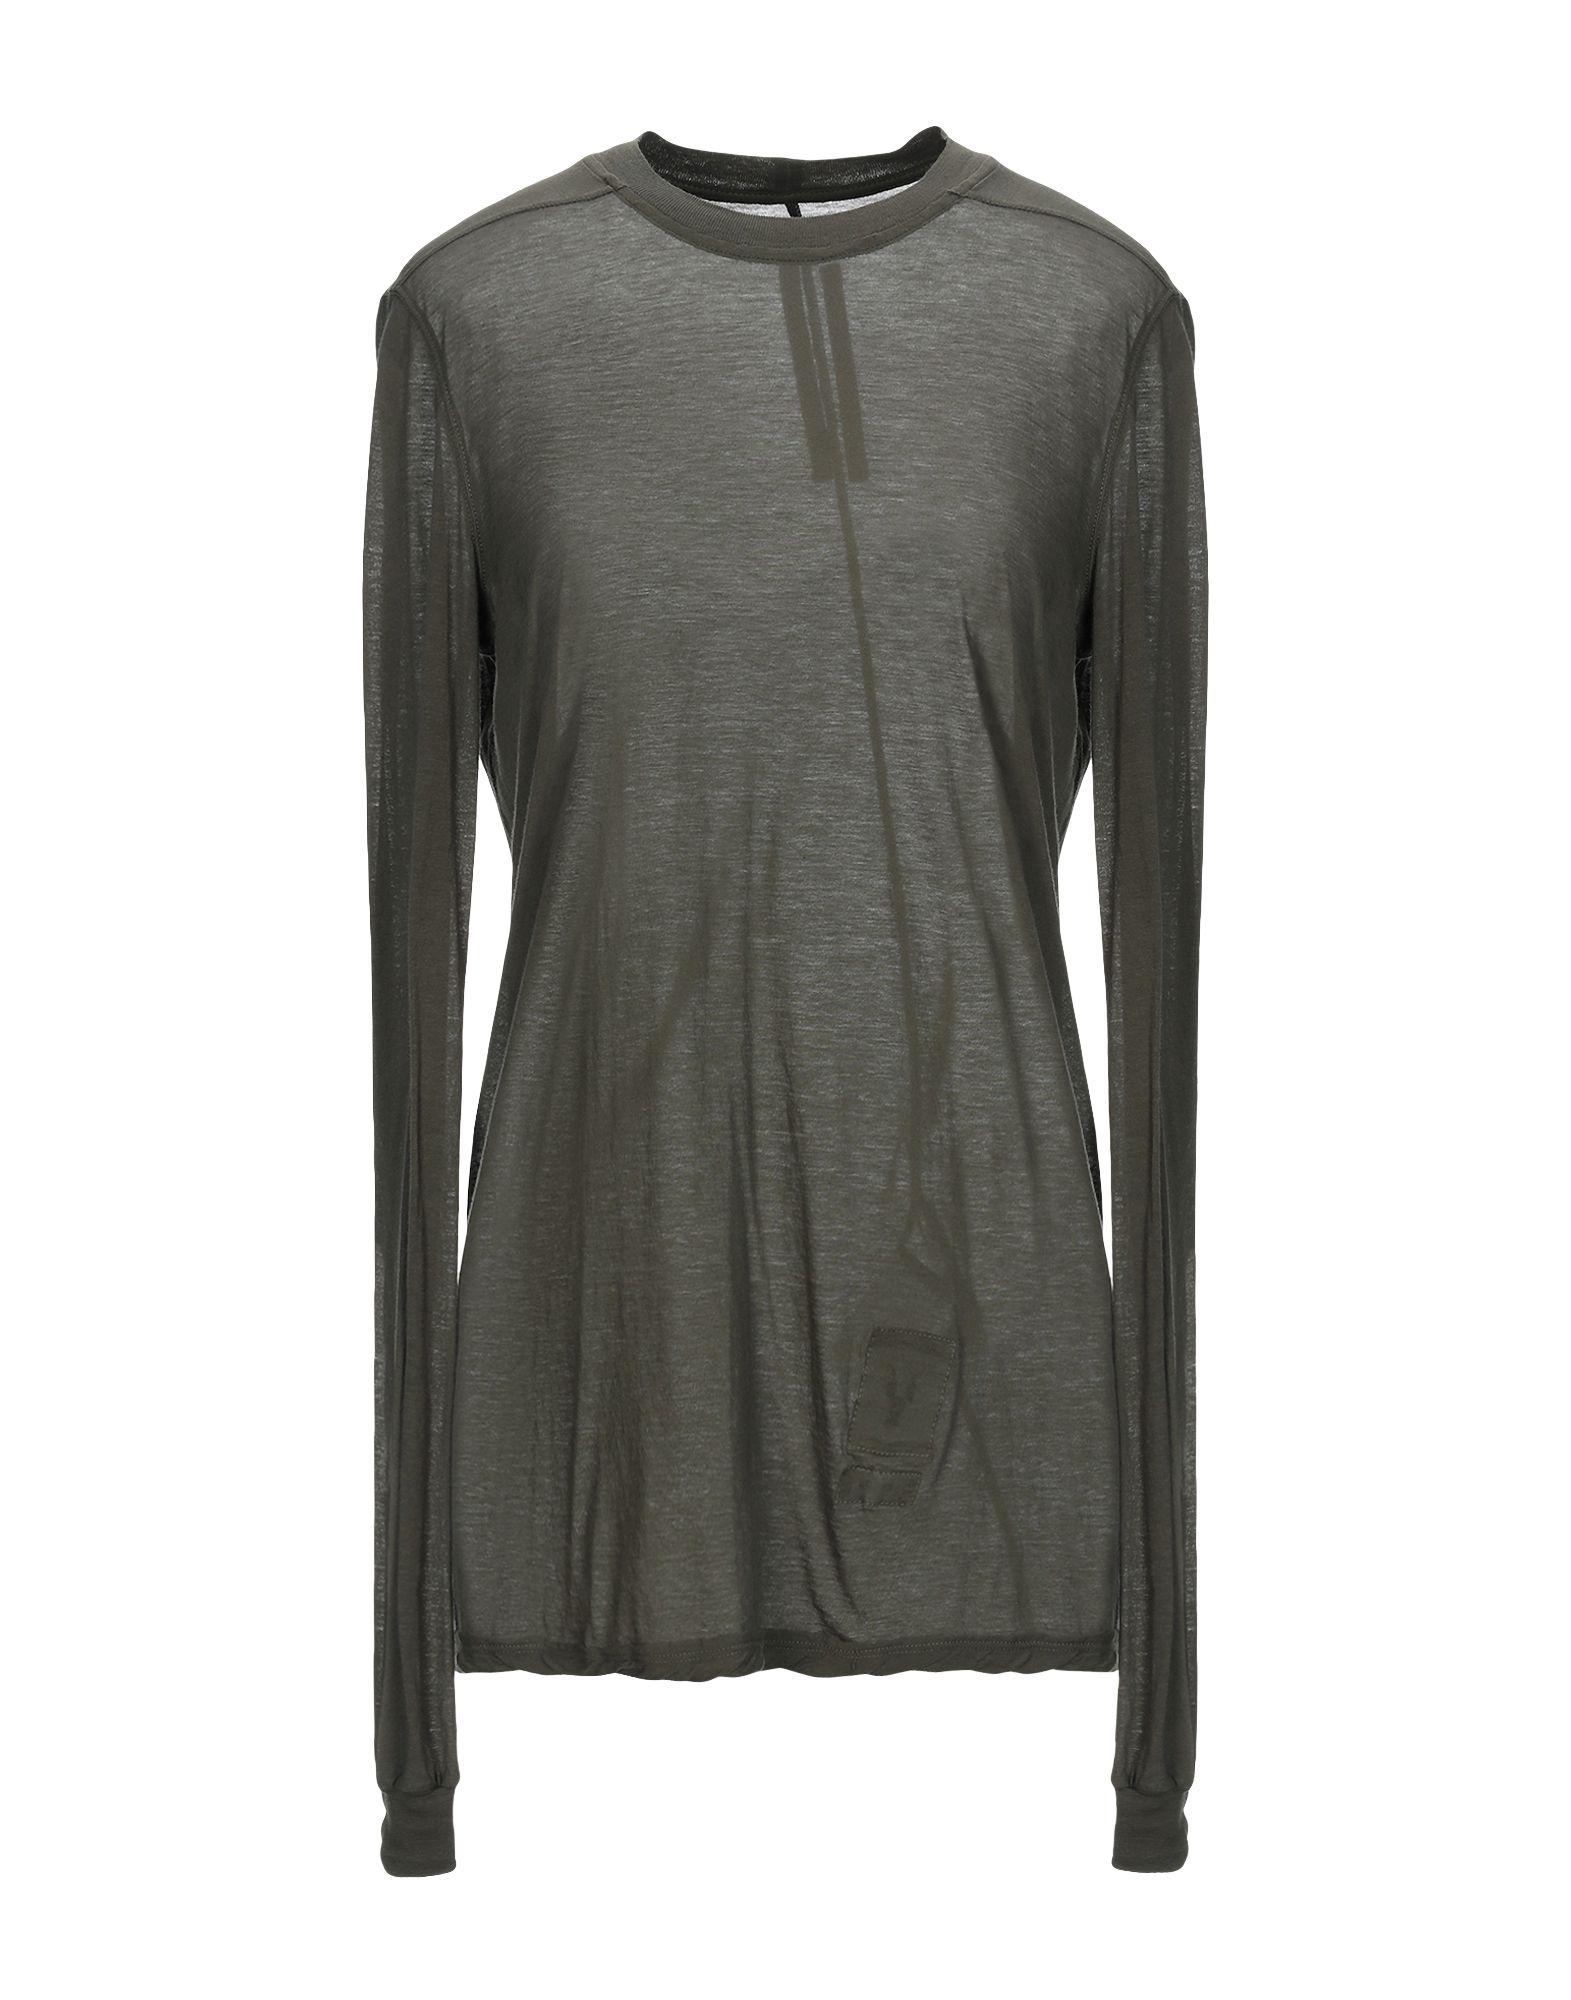 655d361c6c T-Shirt Drkshdw Rick Owens damen - 12239470JG By nwsywd307-DRKSHDW ...